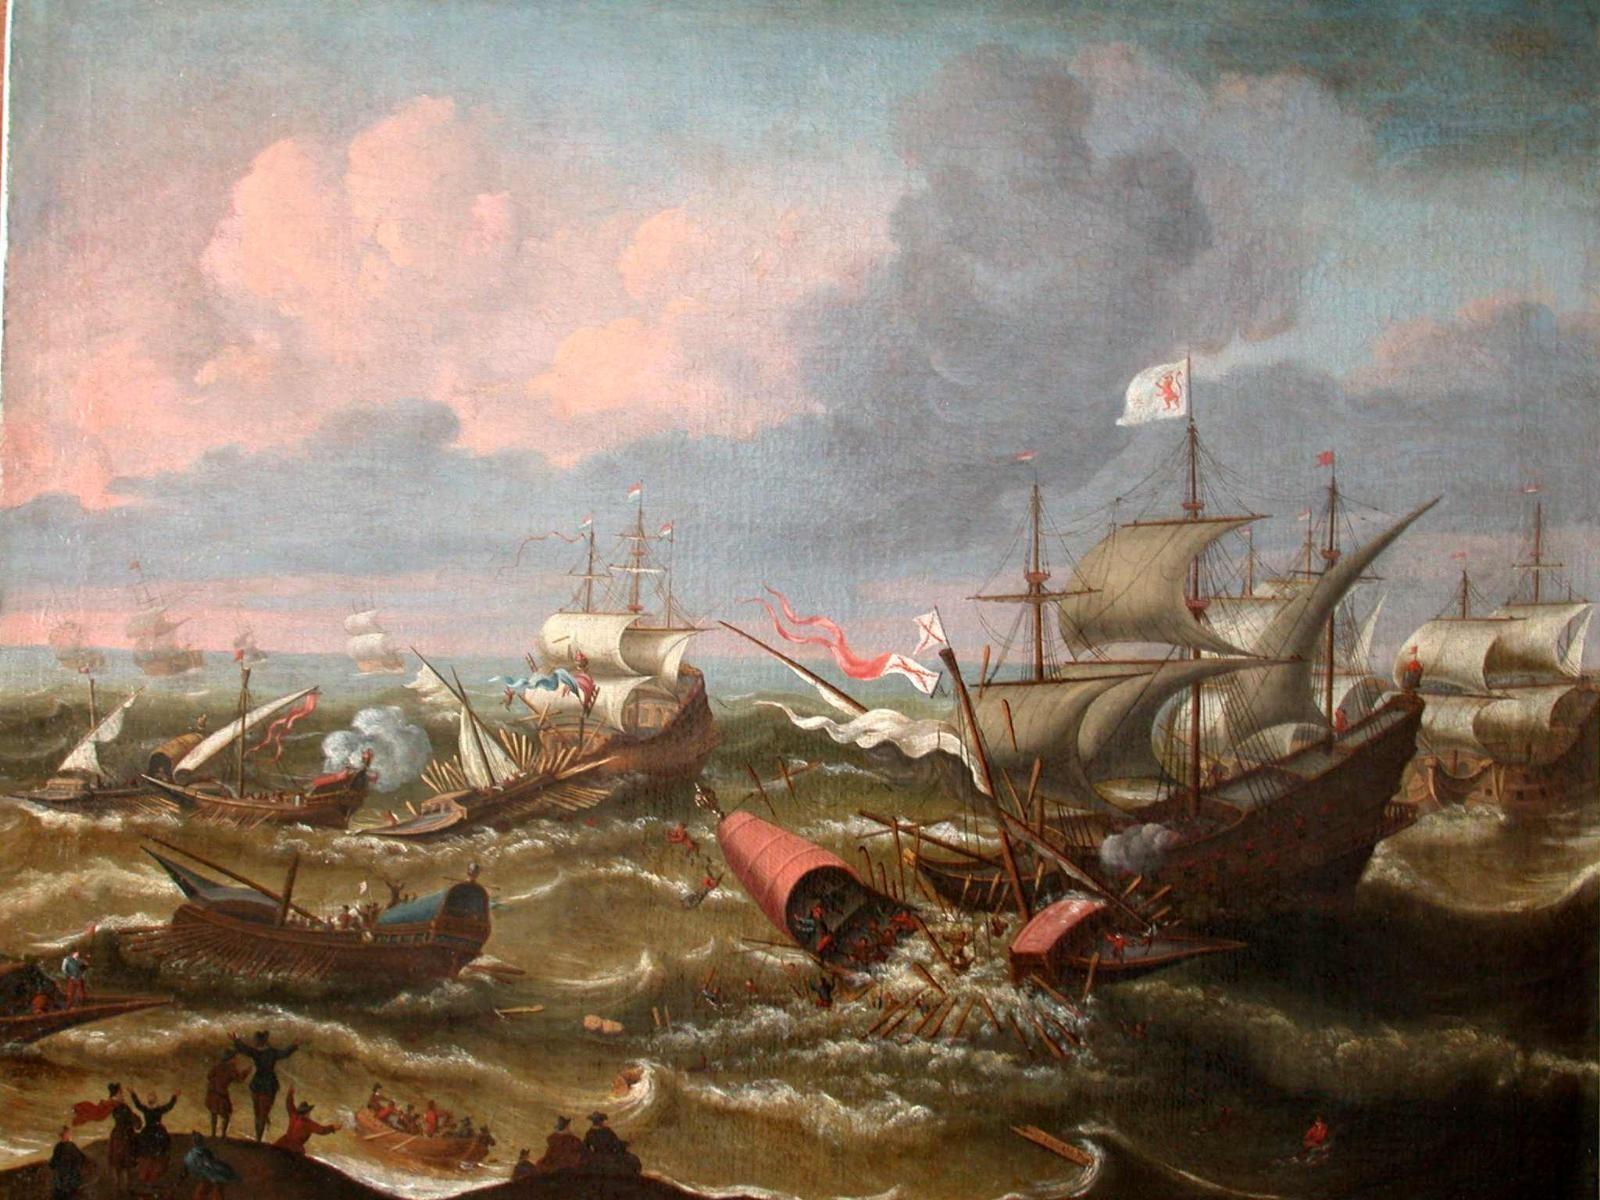 Scheepstrijd op de Zeeuwse stromen, slag bij Sluis 26 mei 1603.jpg